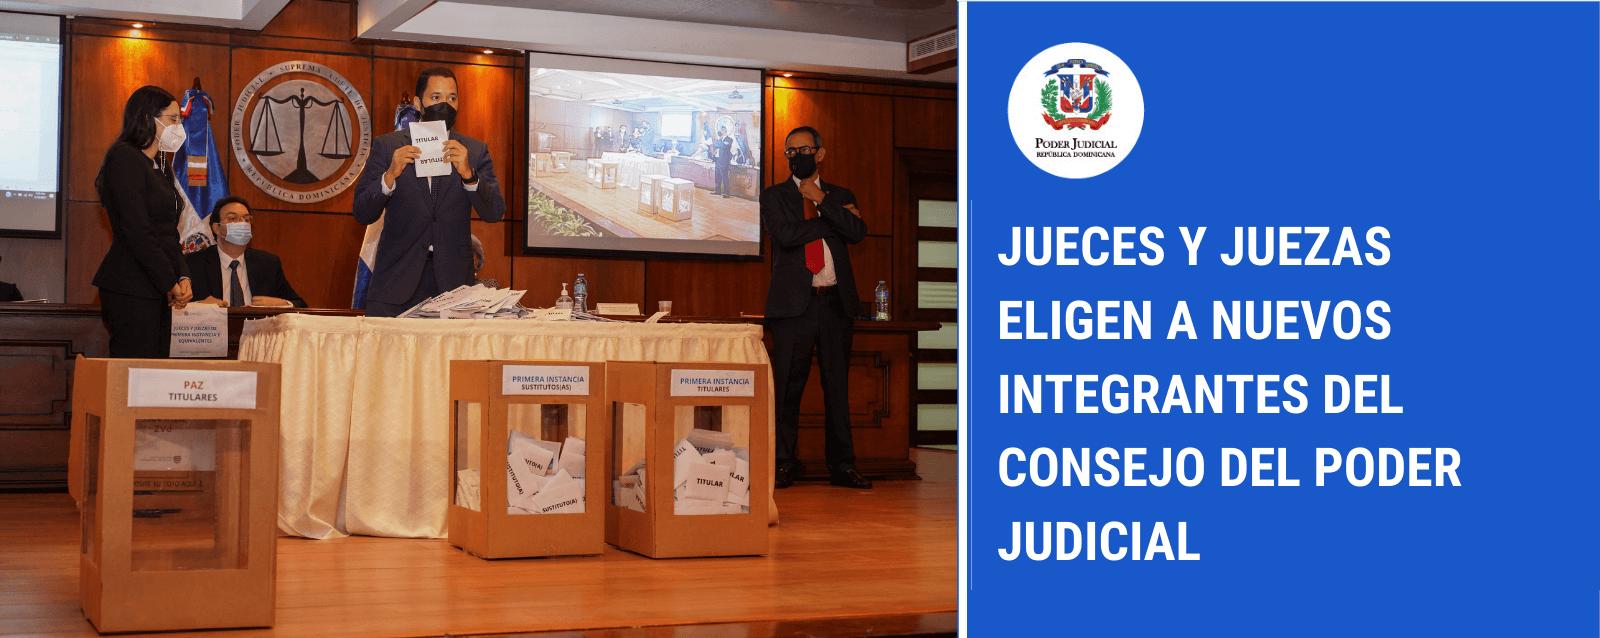 Jueces y juezas eligen a los nuevos integrantes del Consejo del Poder Judicial